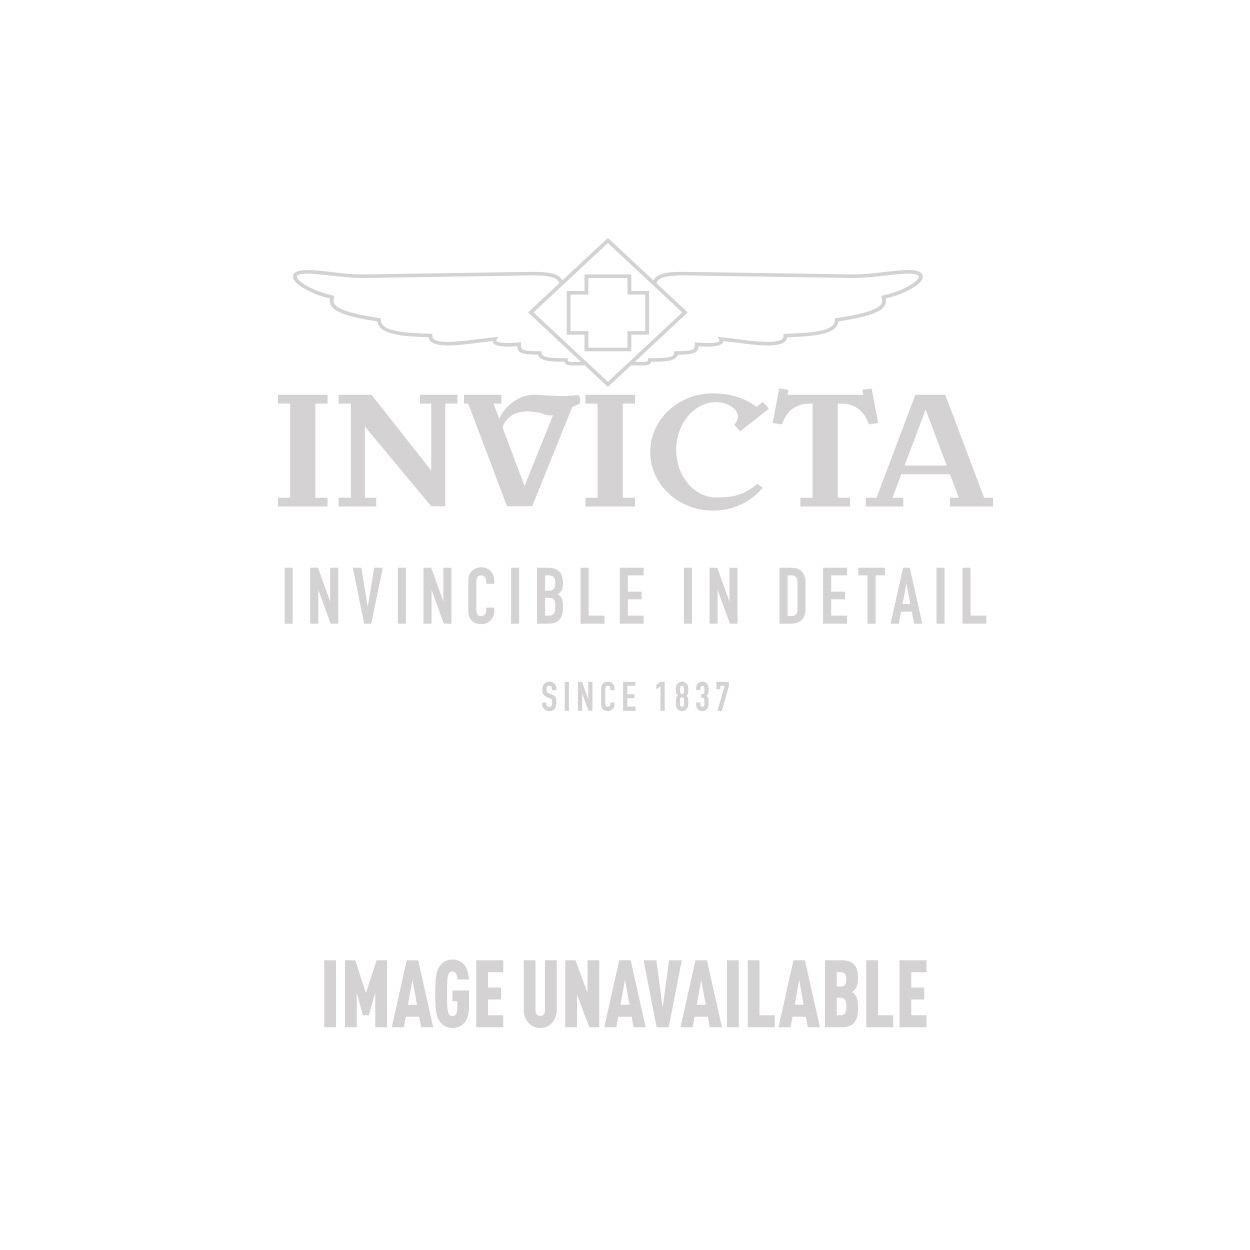 Invicta Model 27113